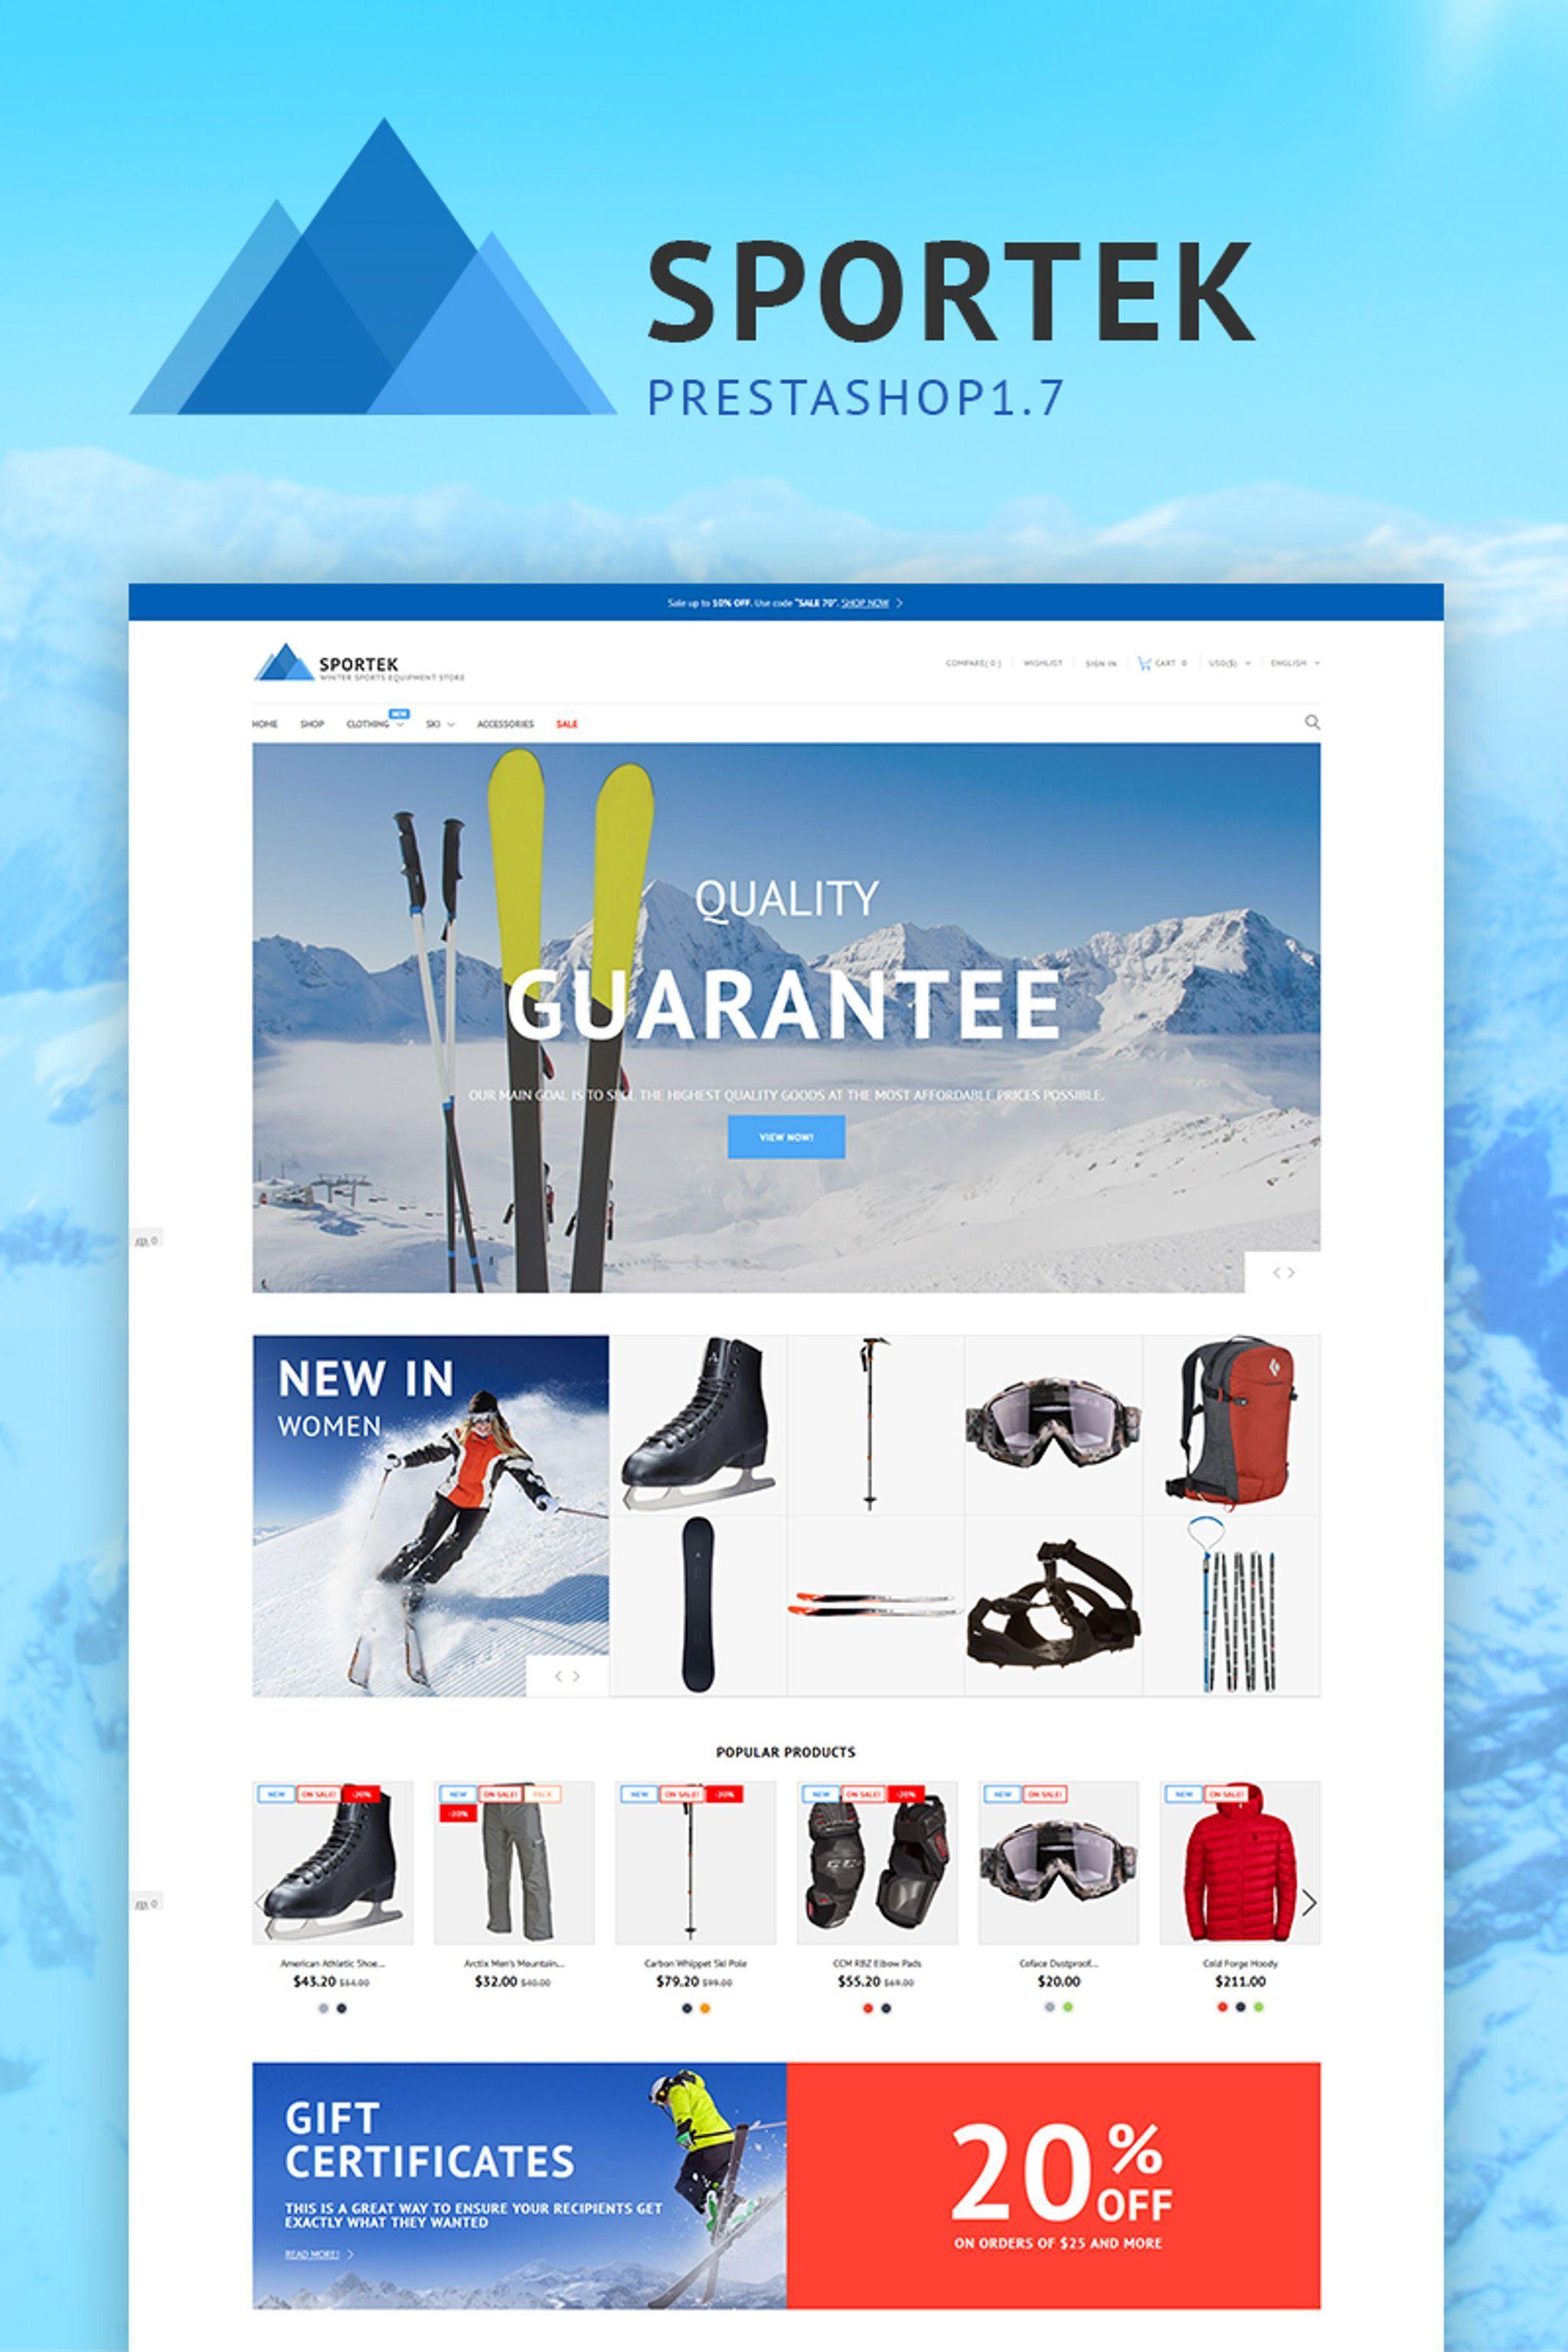 Sportek - Winter Sports Equipment Store PrestaShop Theme | Non